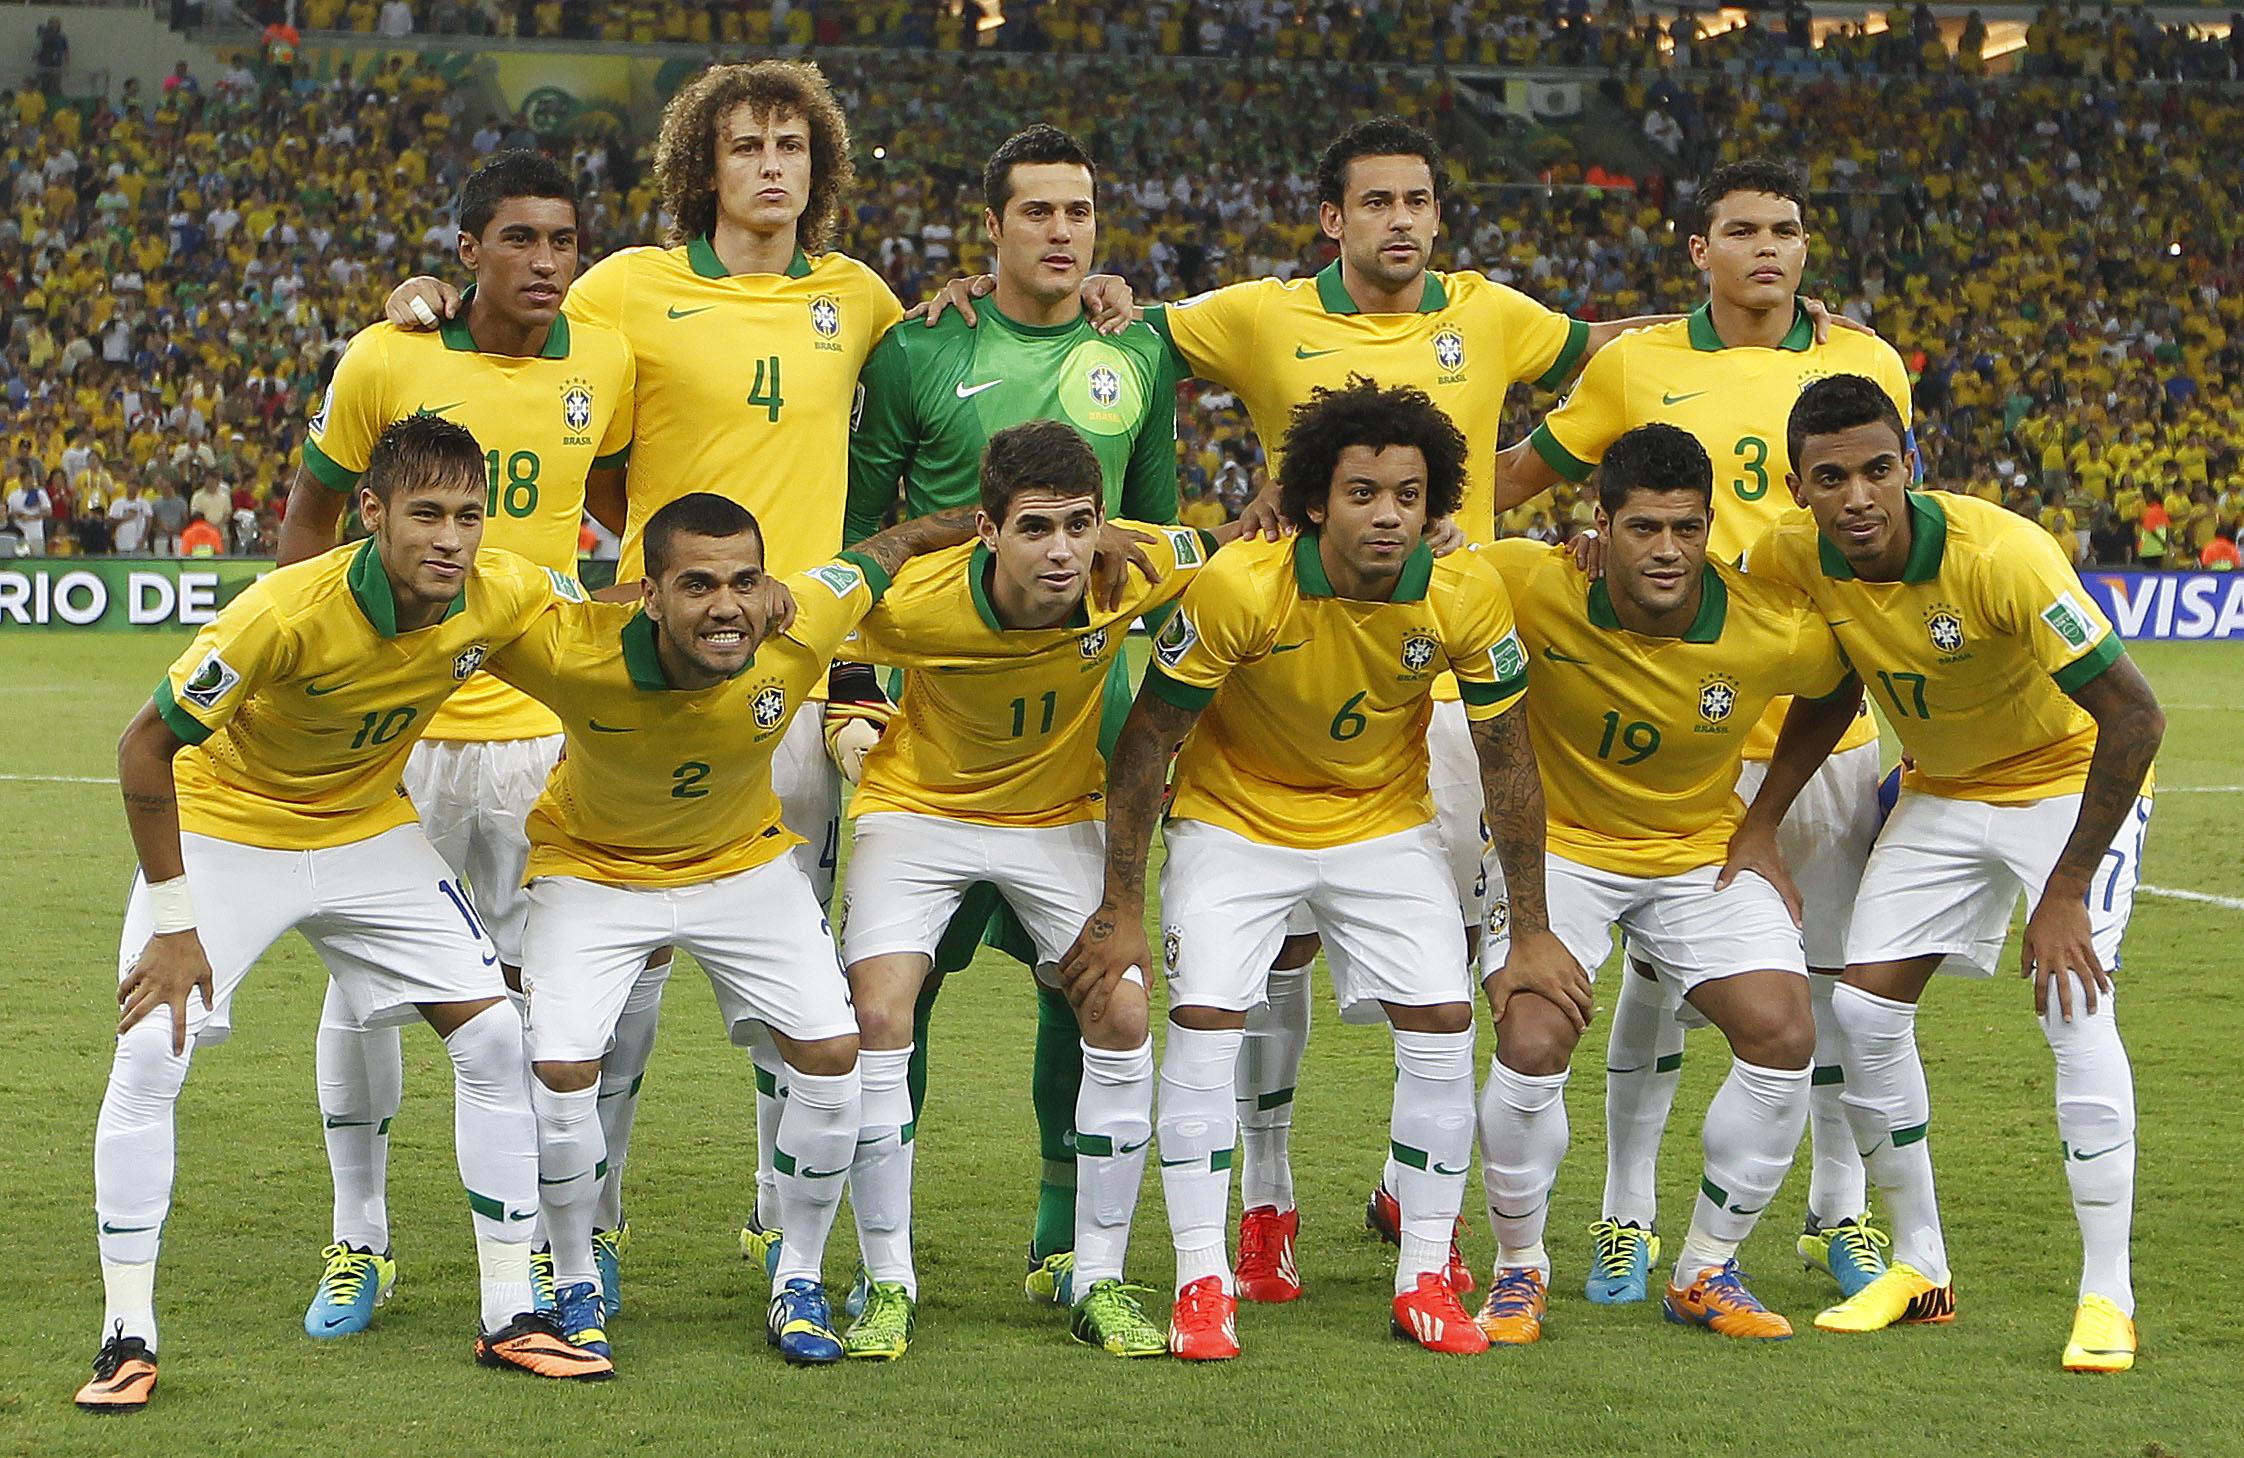 5647aa606e 11 diferenças entre a seleção brasileira dos anos 90 e a atual - 20 ...